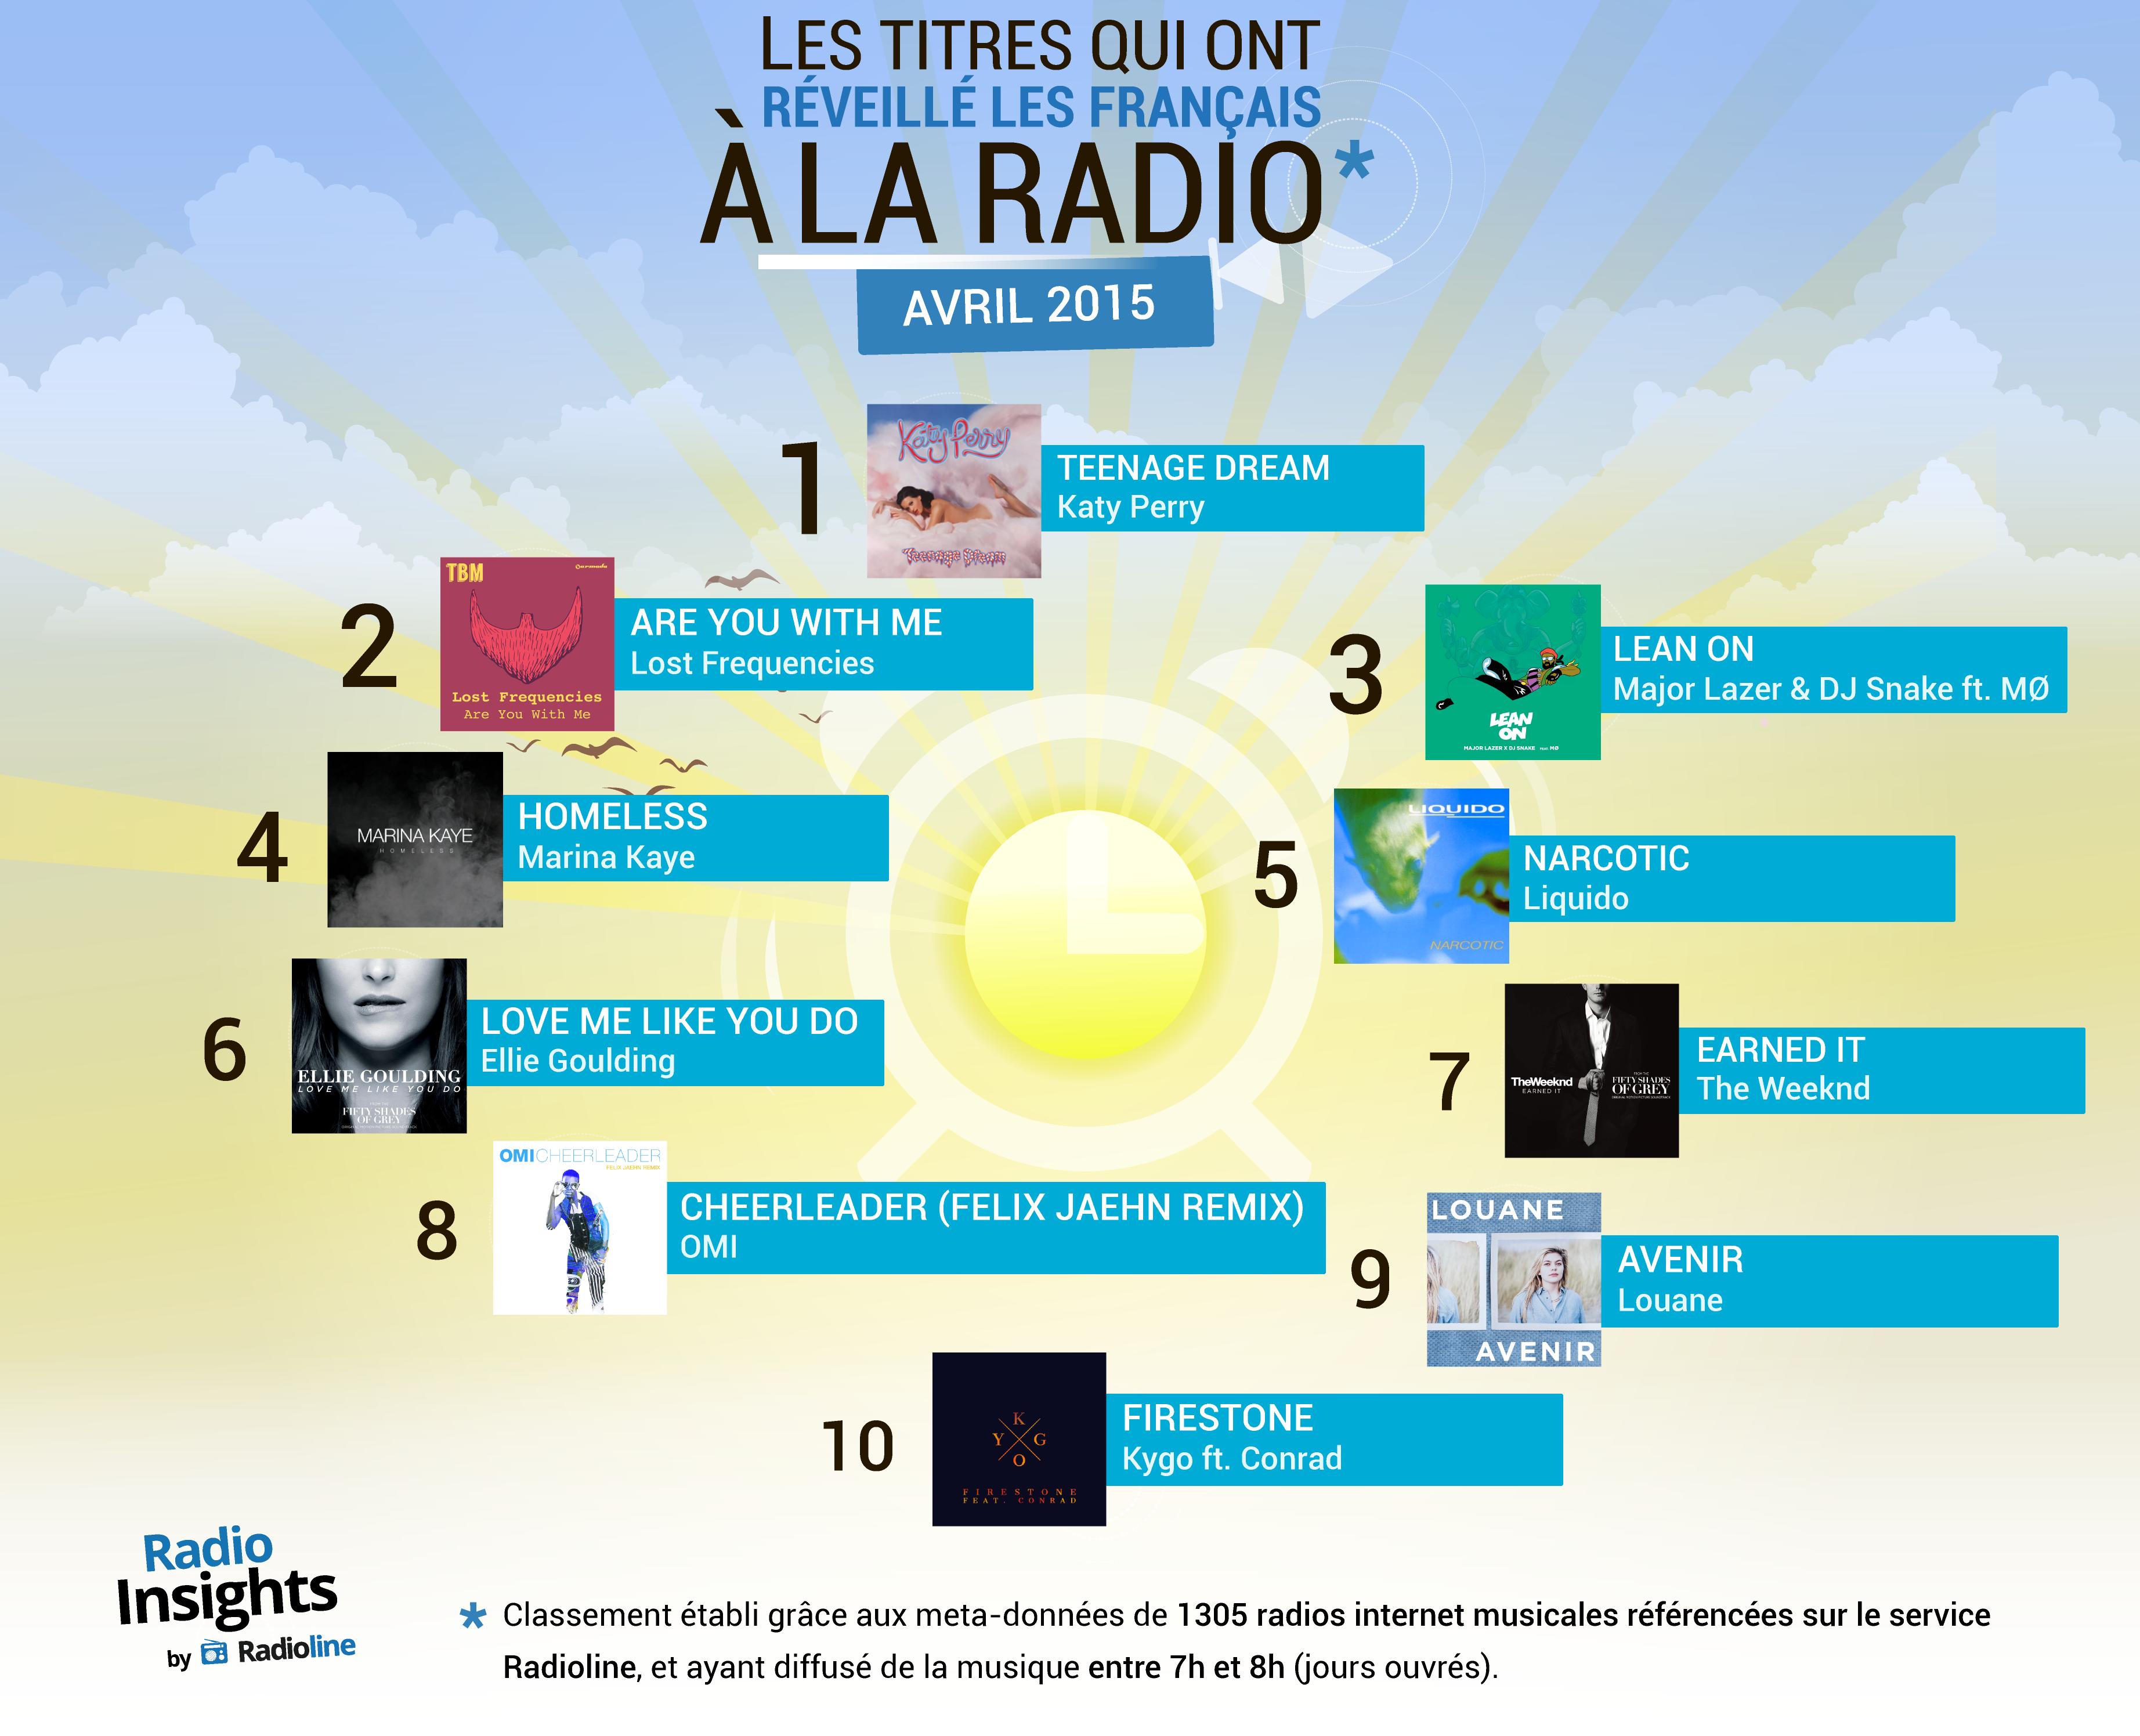 Les titres qui ont réveillé les Français à la radio